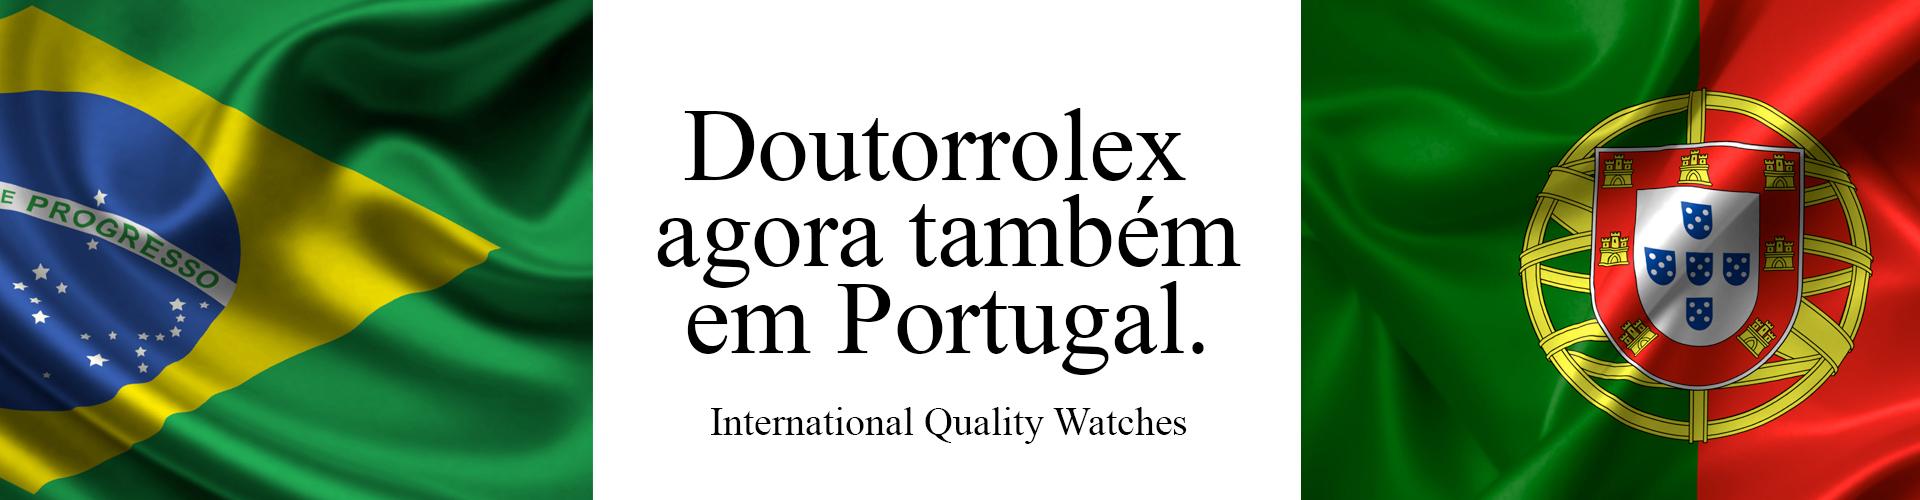 Banner Brasil Portugal